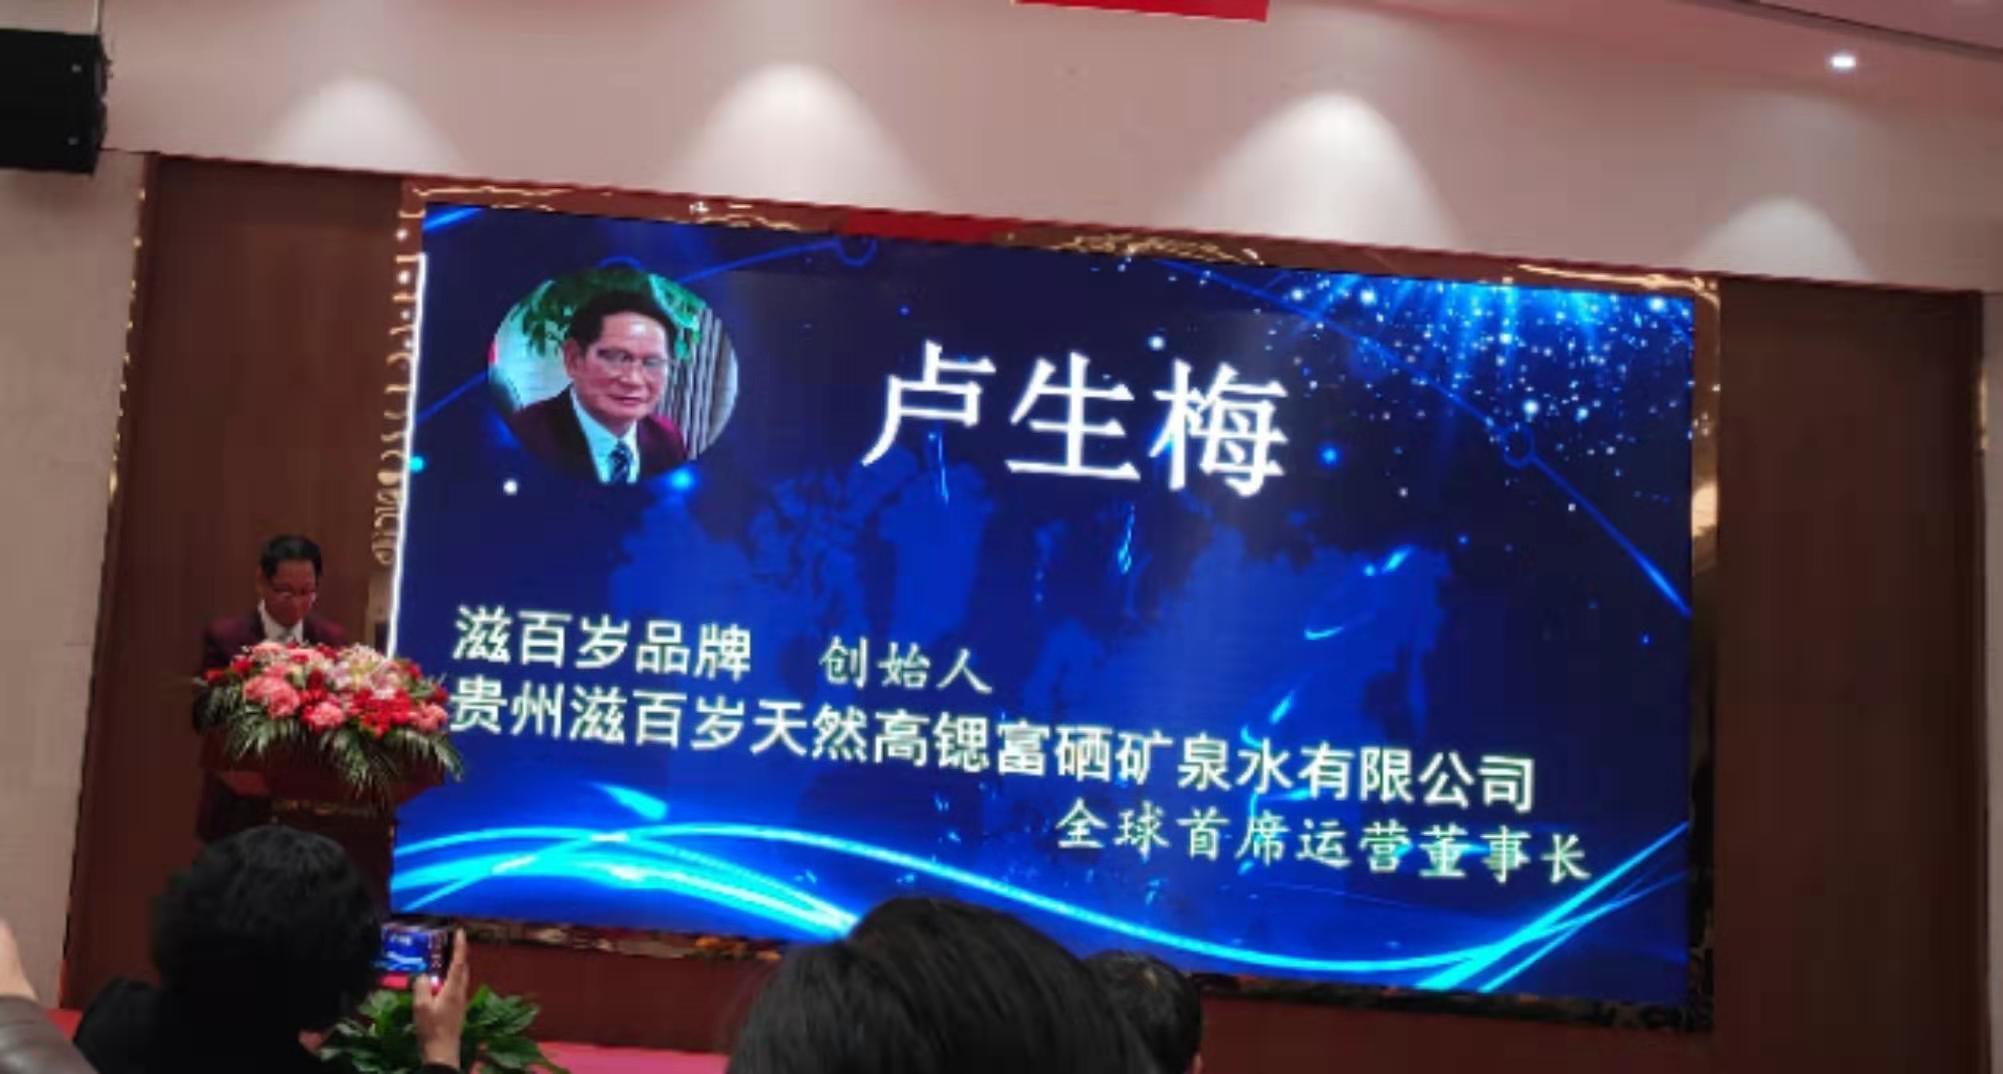 世界好水滋百岁全球发布会在贵州兴义顺利召开